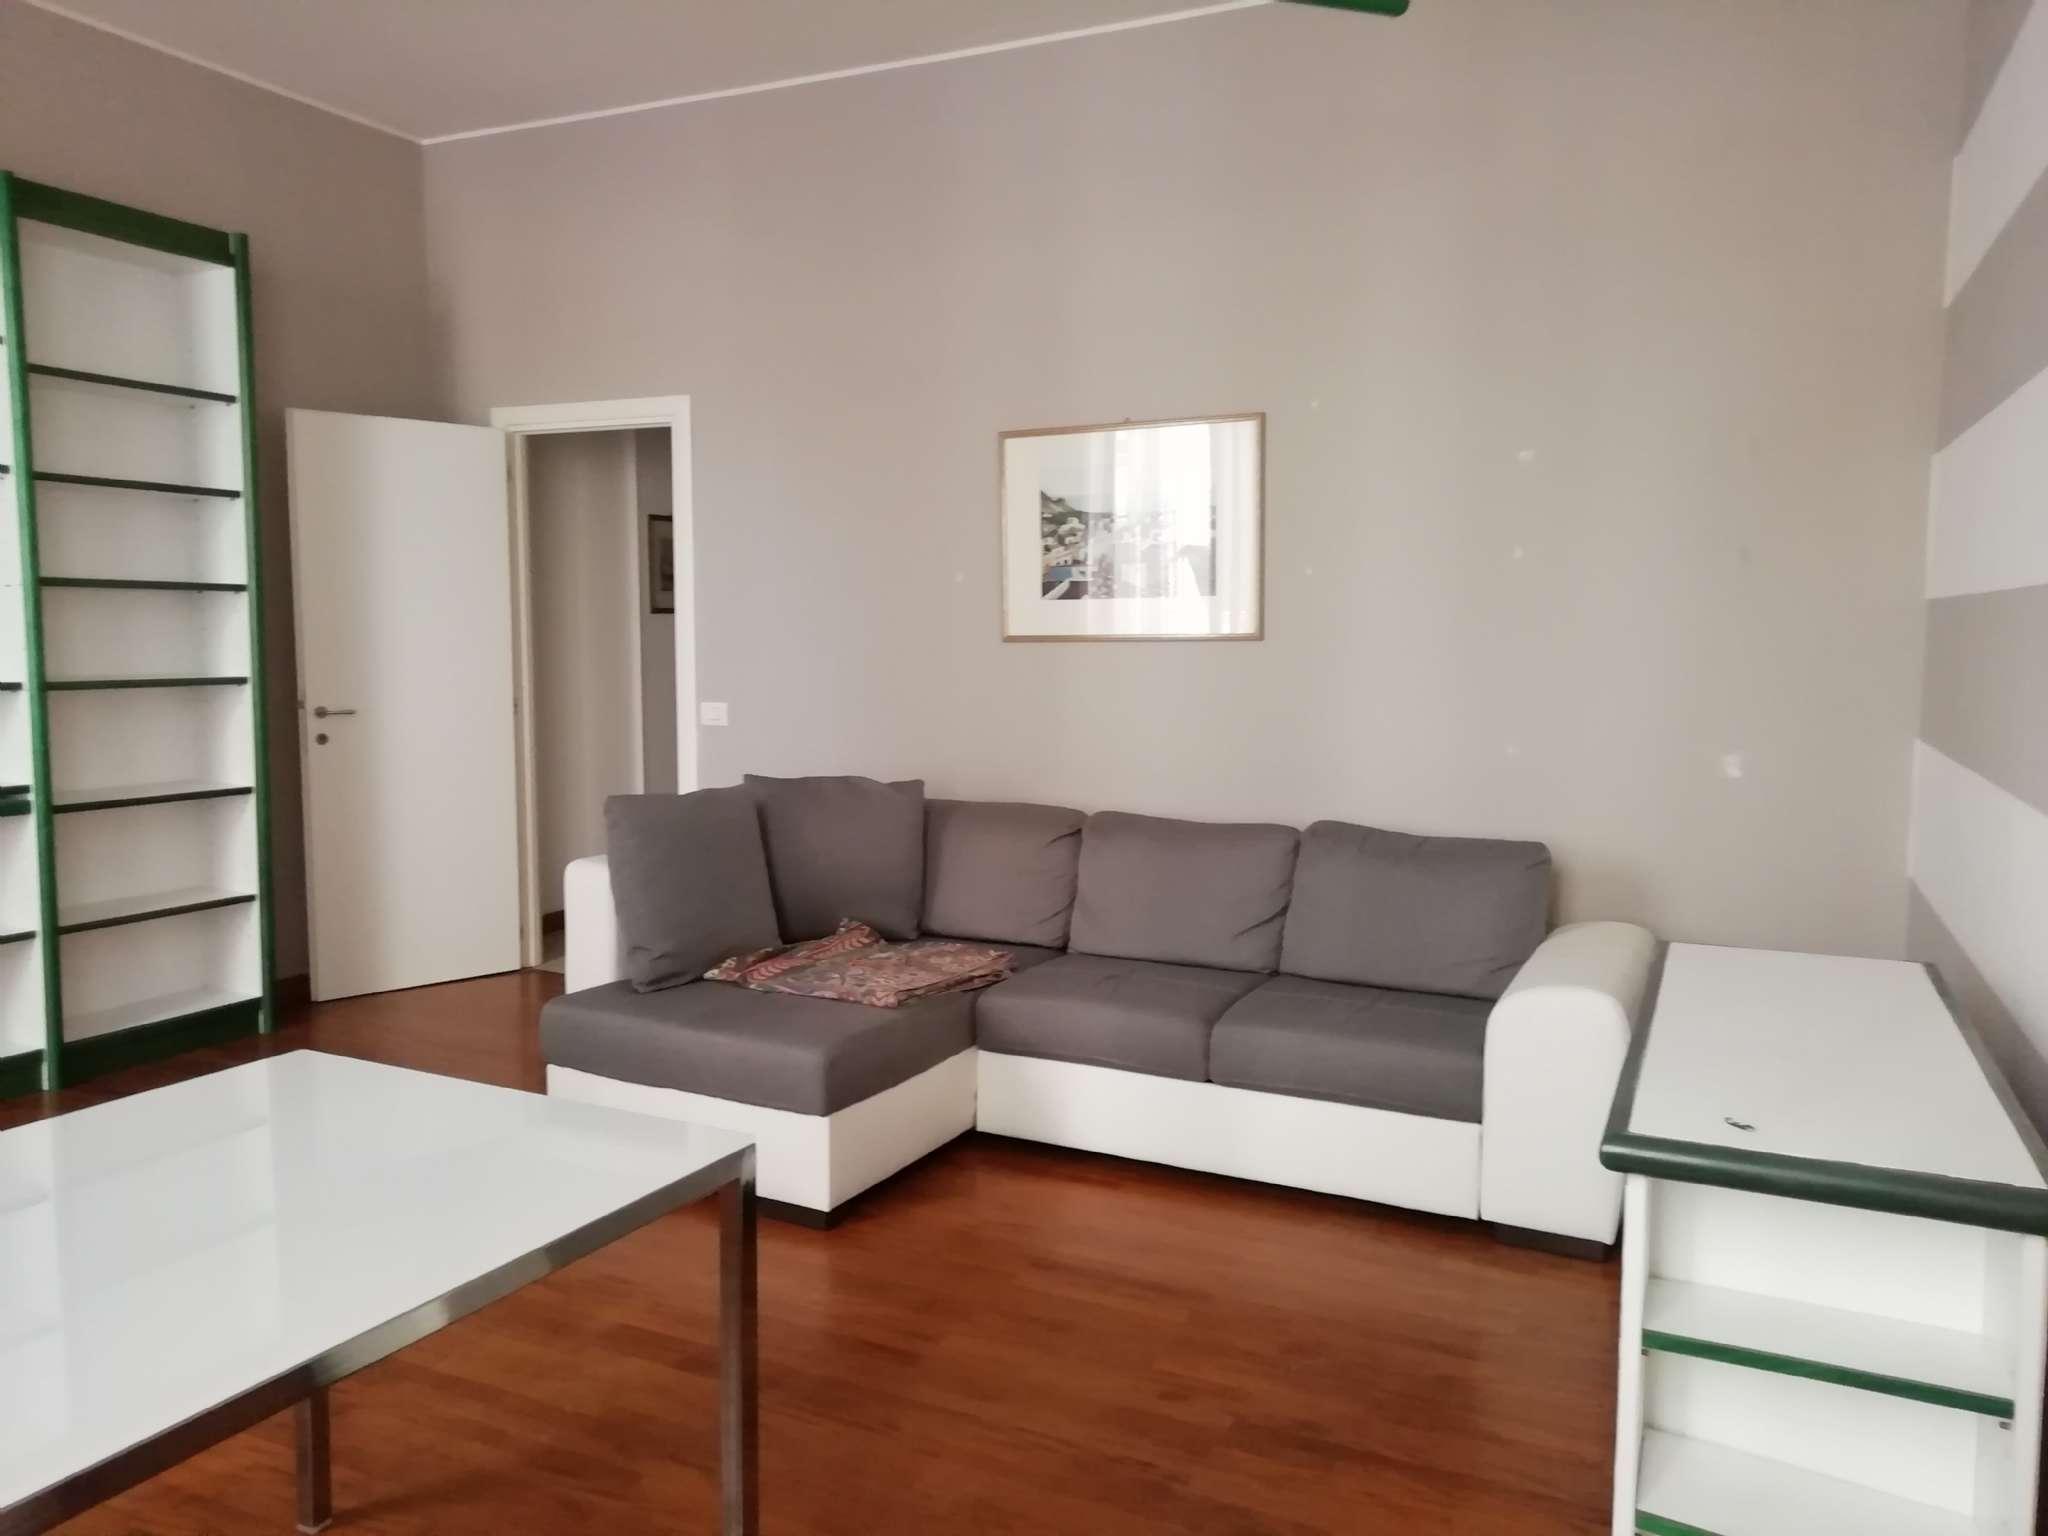 Appartamento in affitto a Chivasso, 3 locali, prezzo € 550 | PortaleAgenzieImmobiliari.it